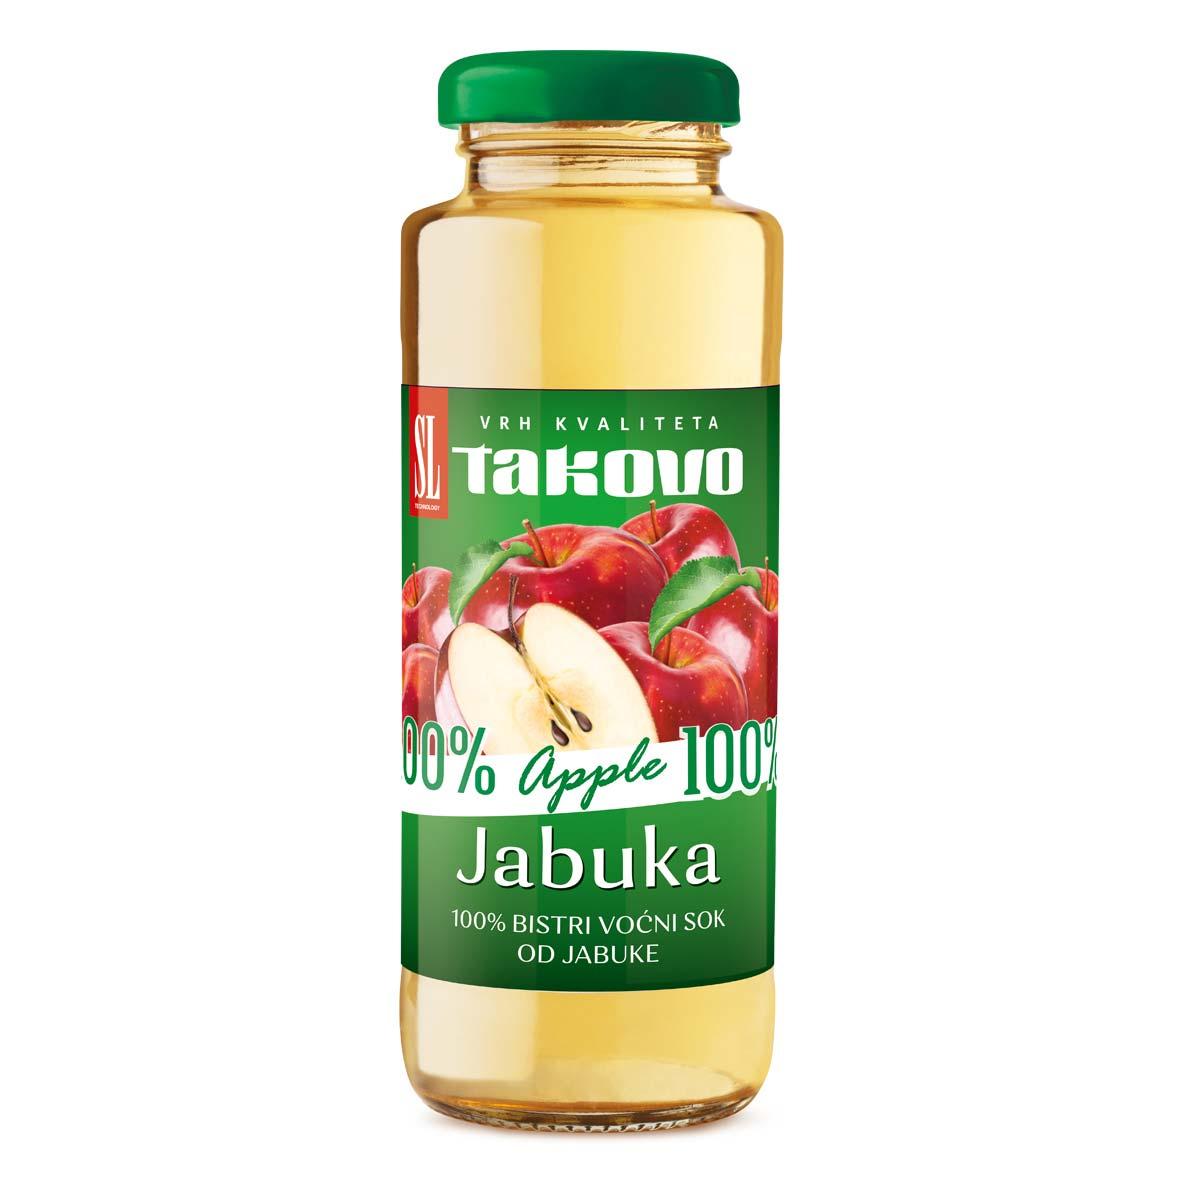 Bistri voćni sok od jabuke 100%